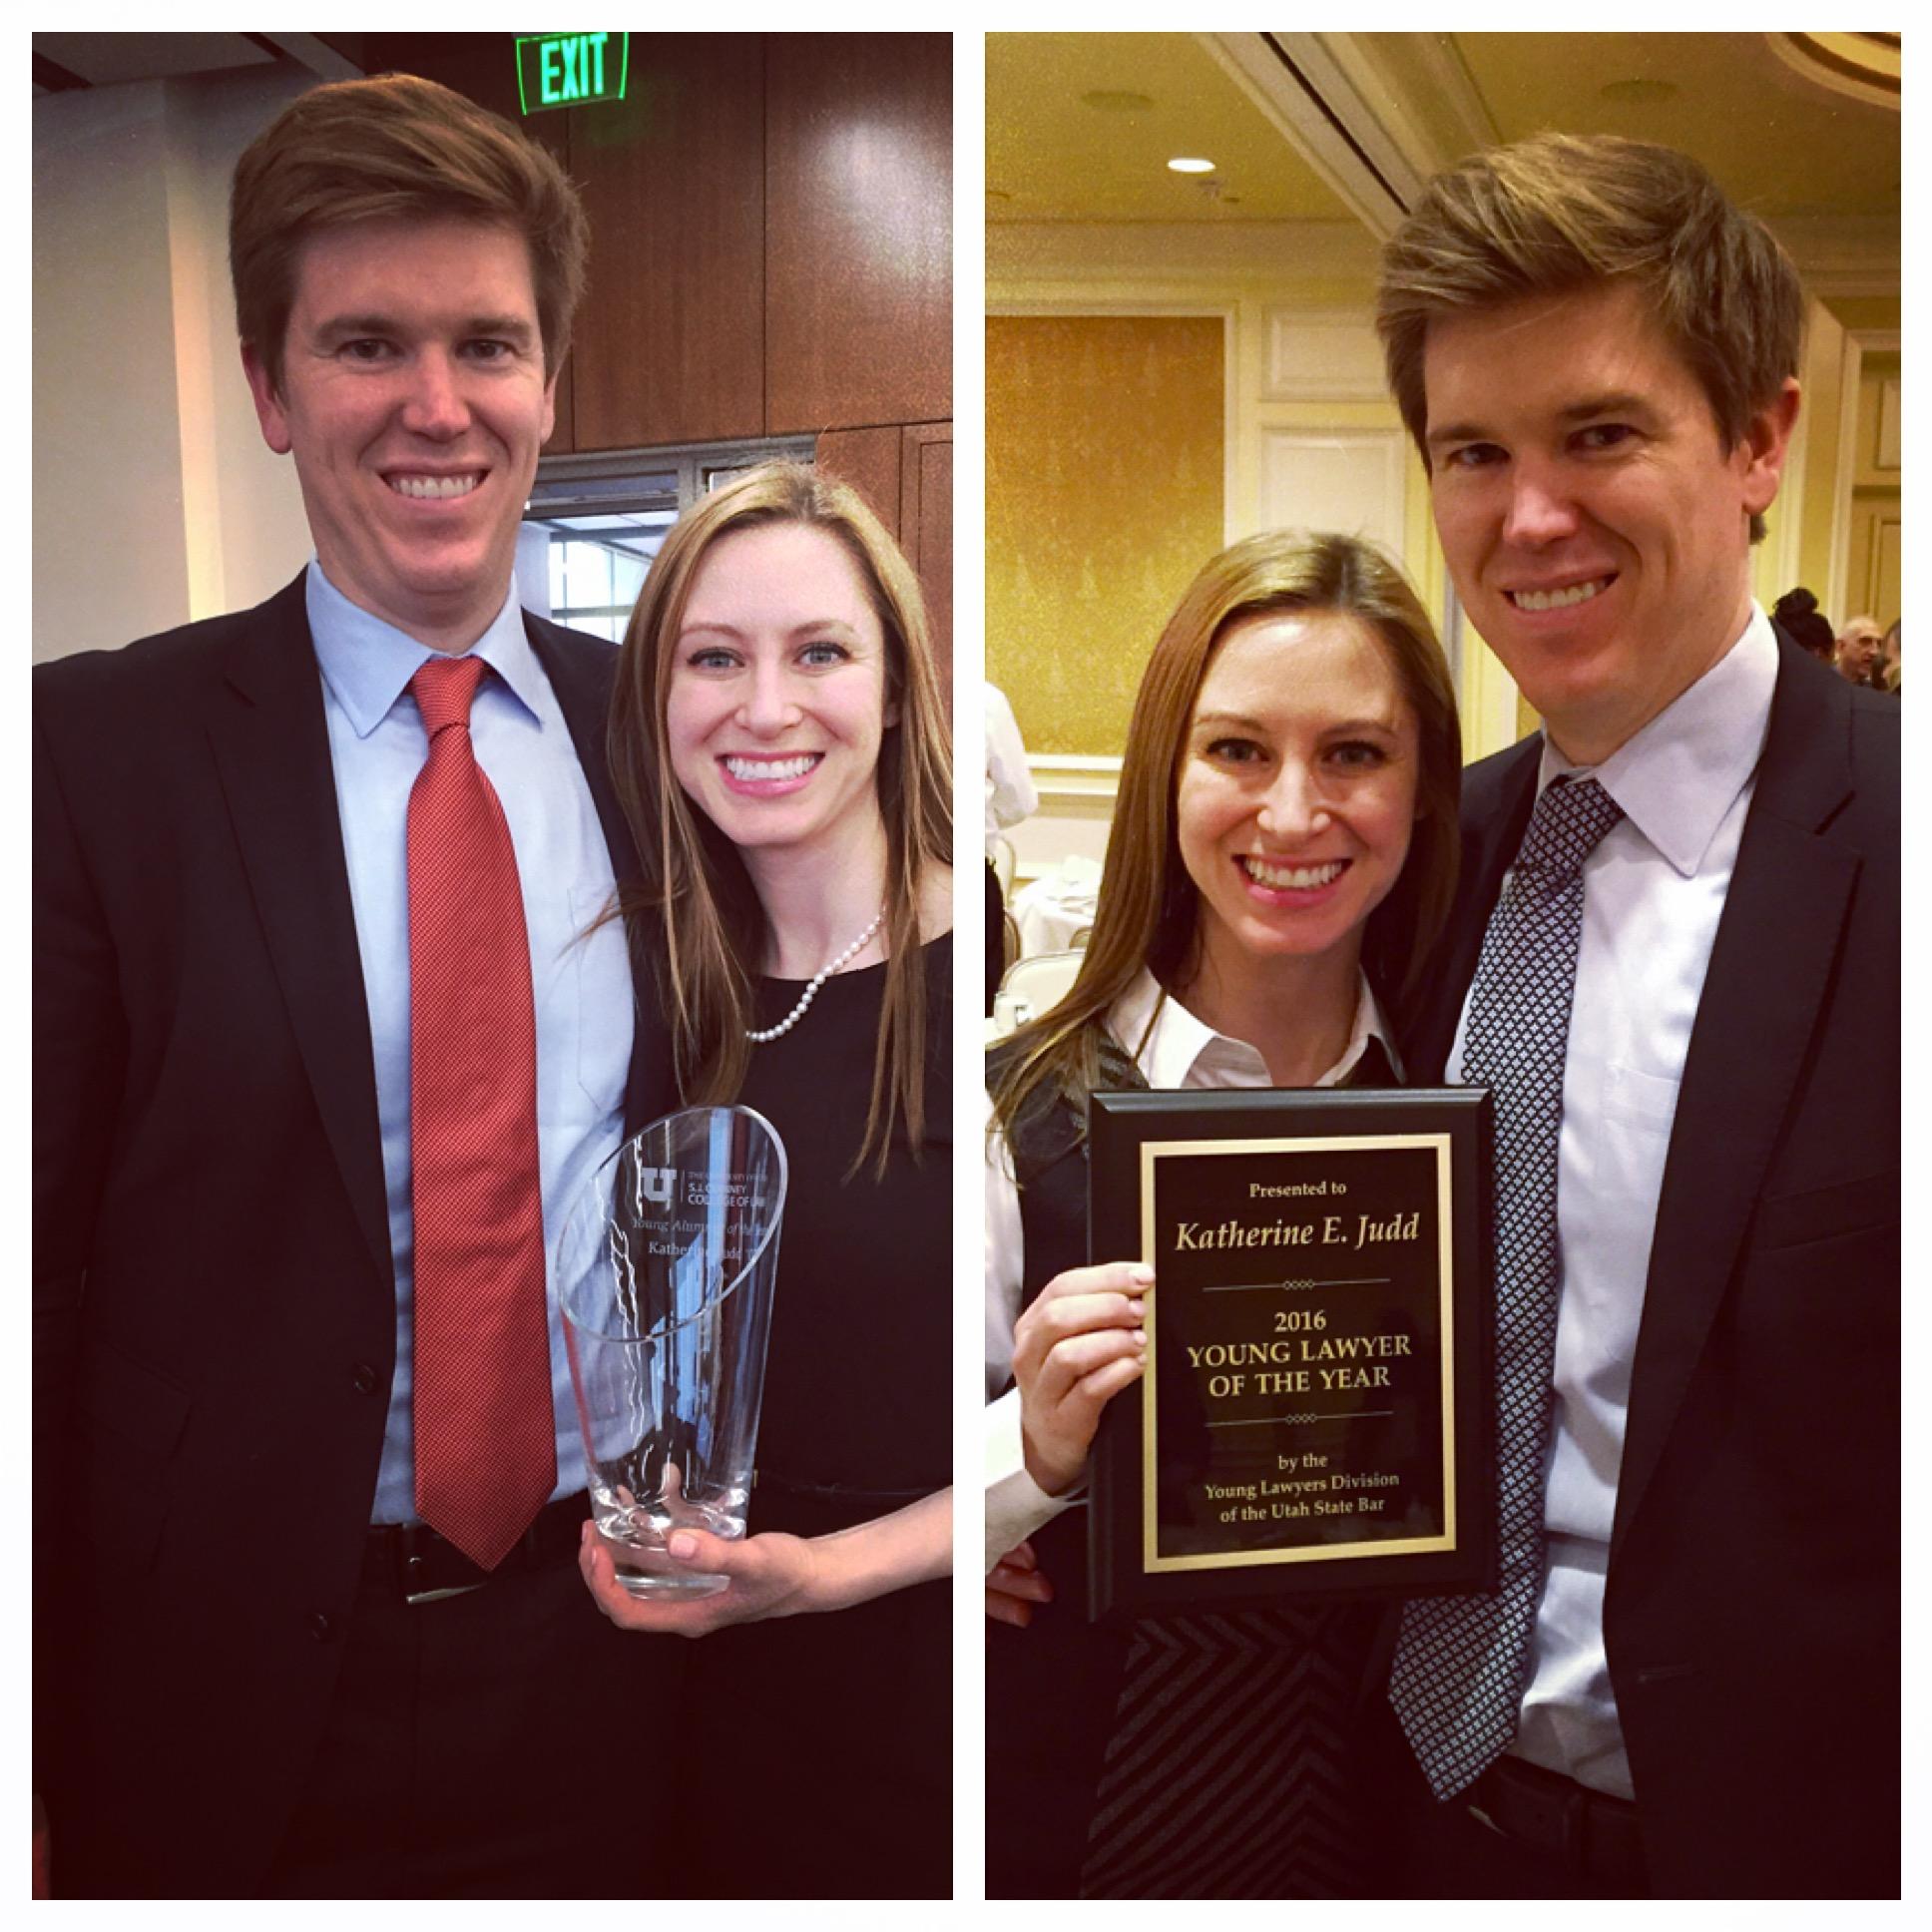 Kat's Award